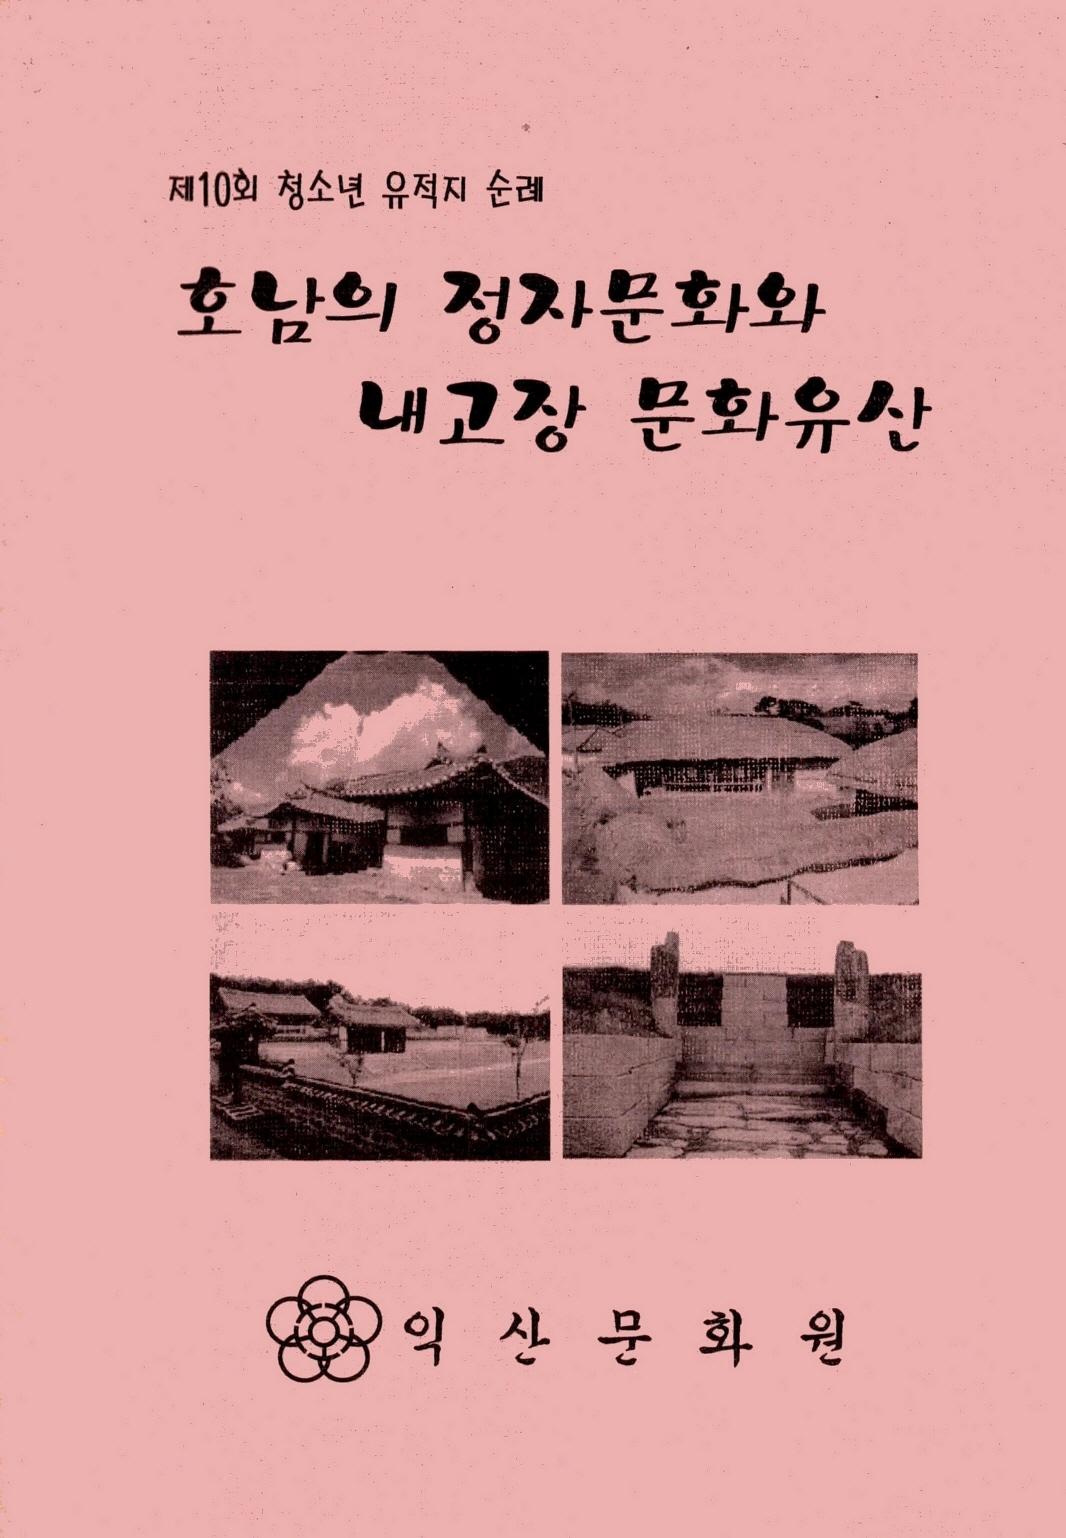 호남의 정자문화와 내고장문화유산